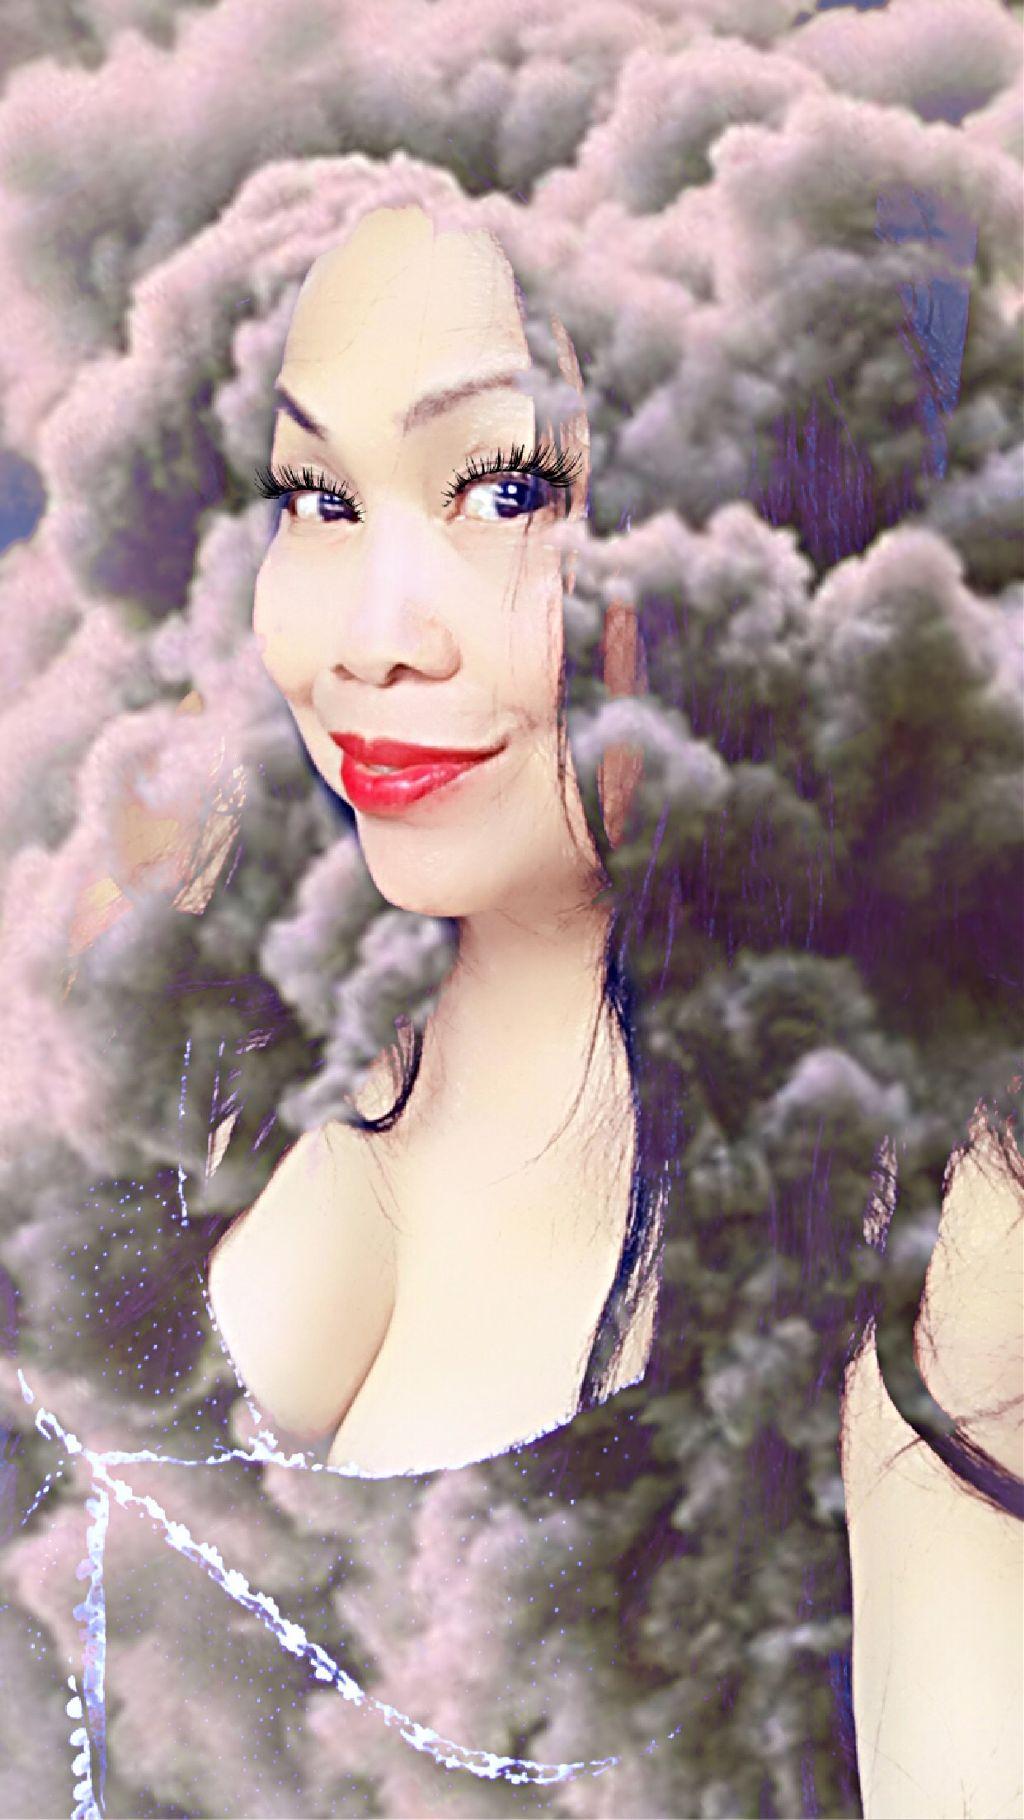 #freetoedit #selfie #artisticselfie #doubleexpossure #me #remixit